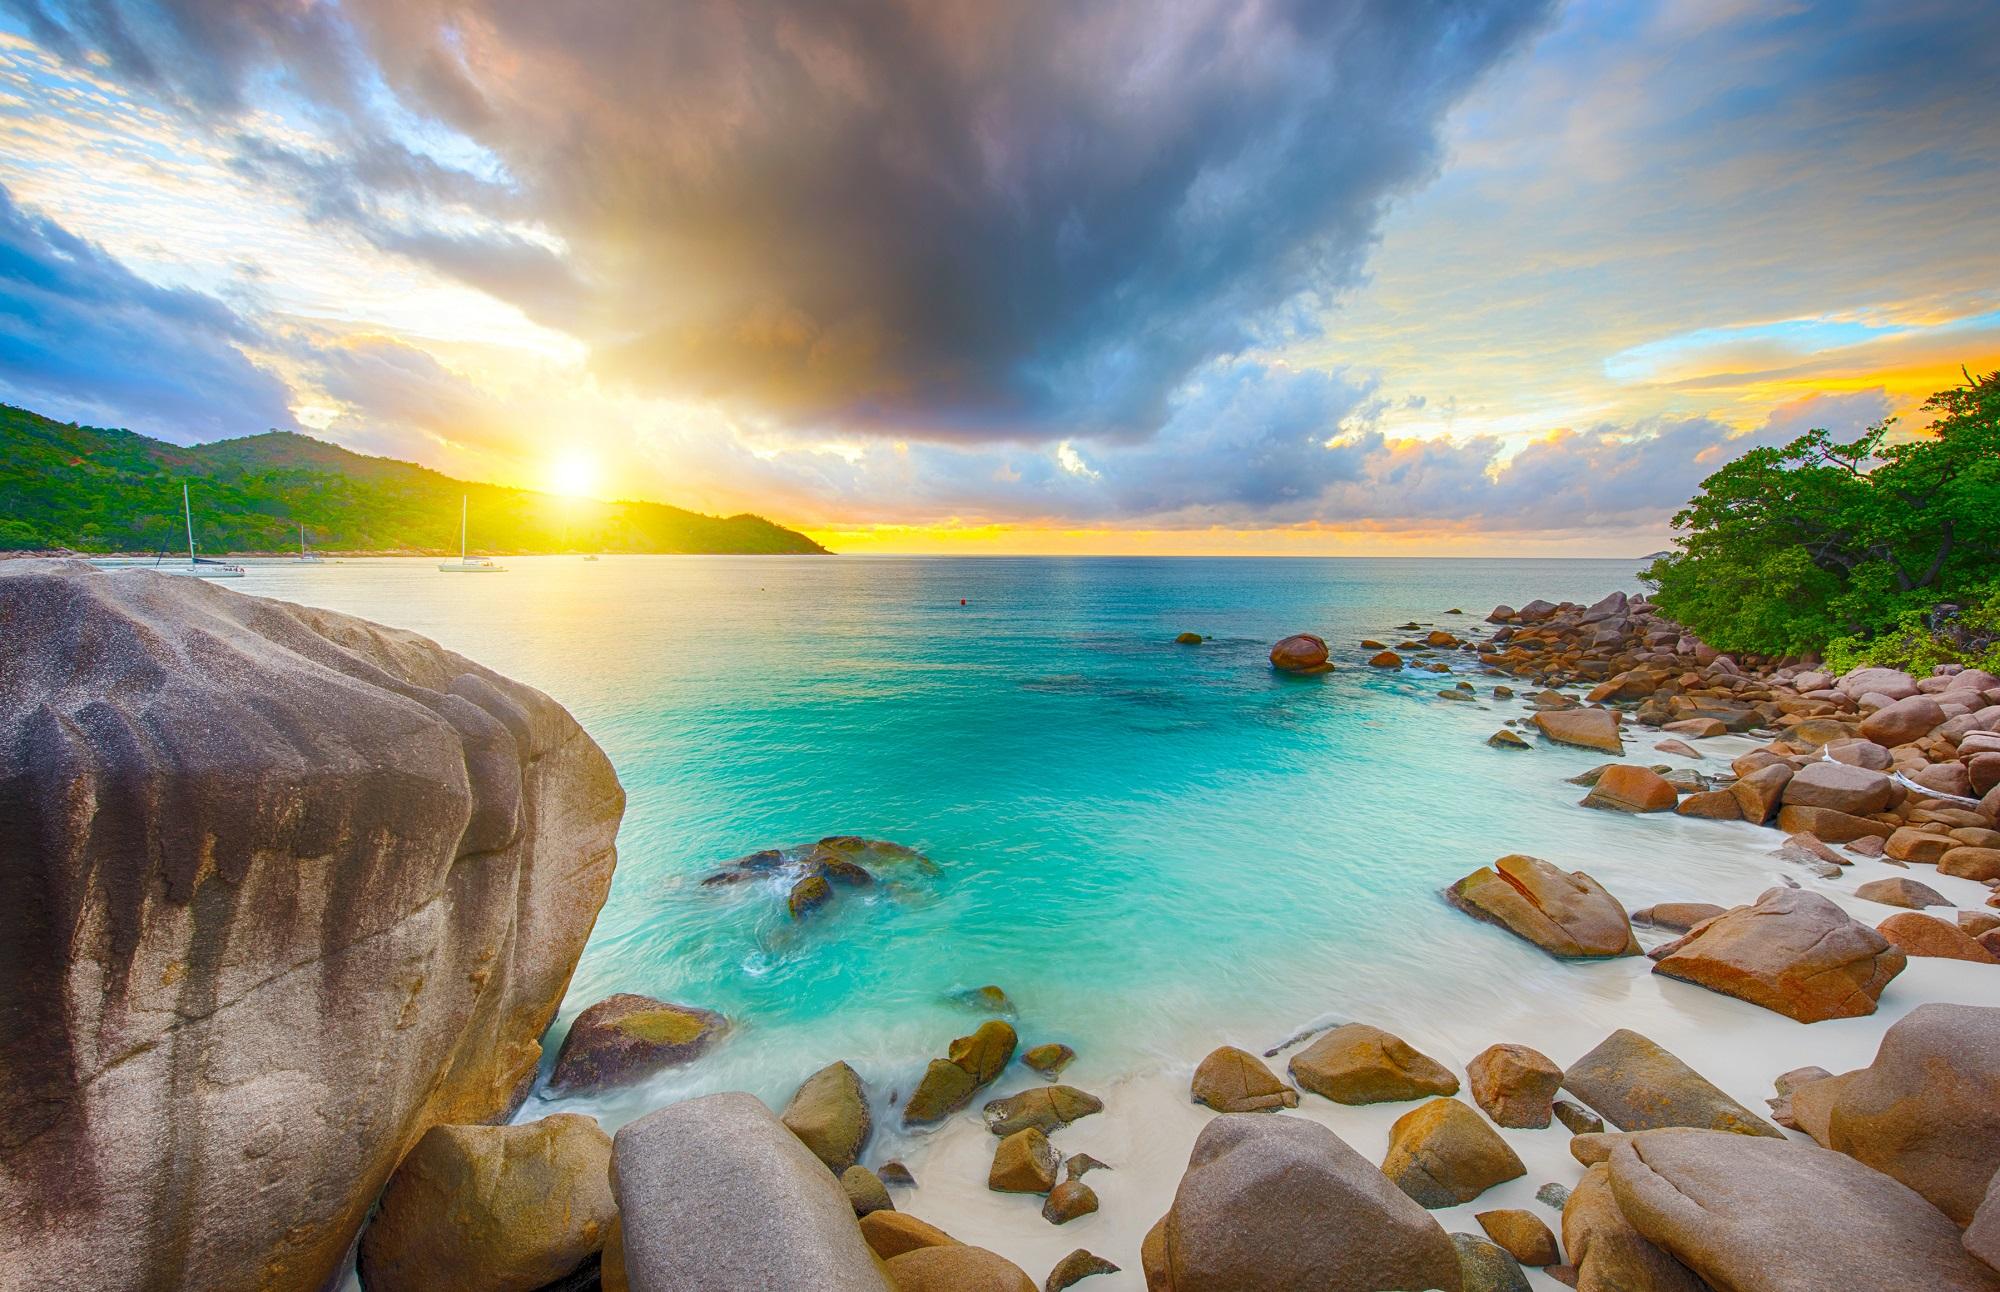 Voyages aux Seychelles, Océan Indien, Séjours hôtel et cuicuits